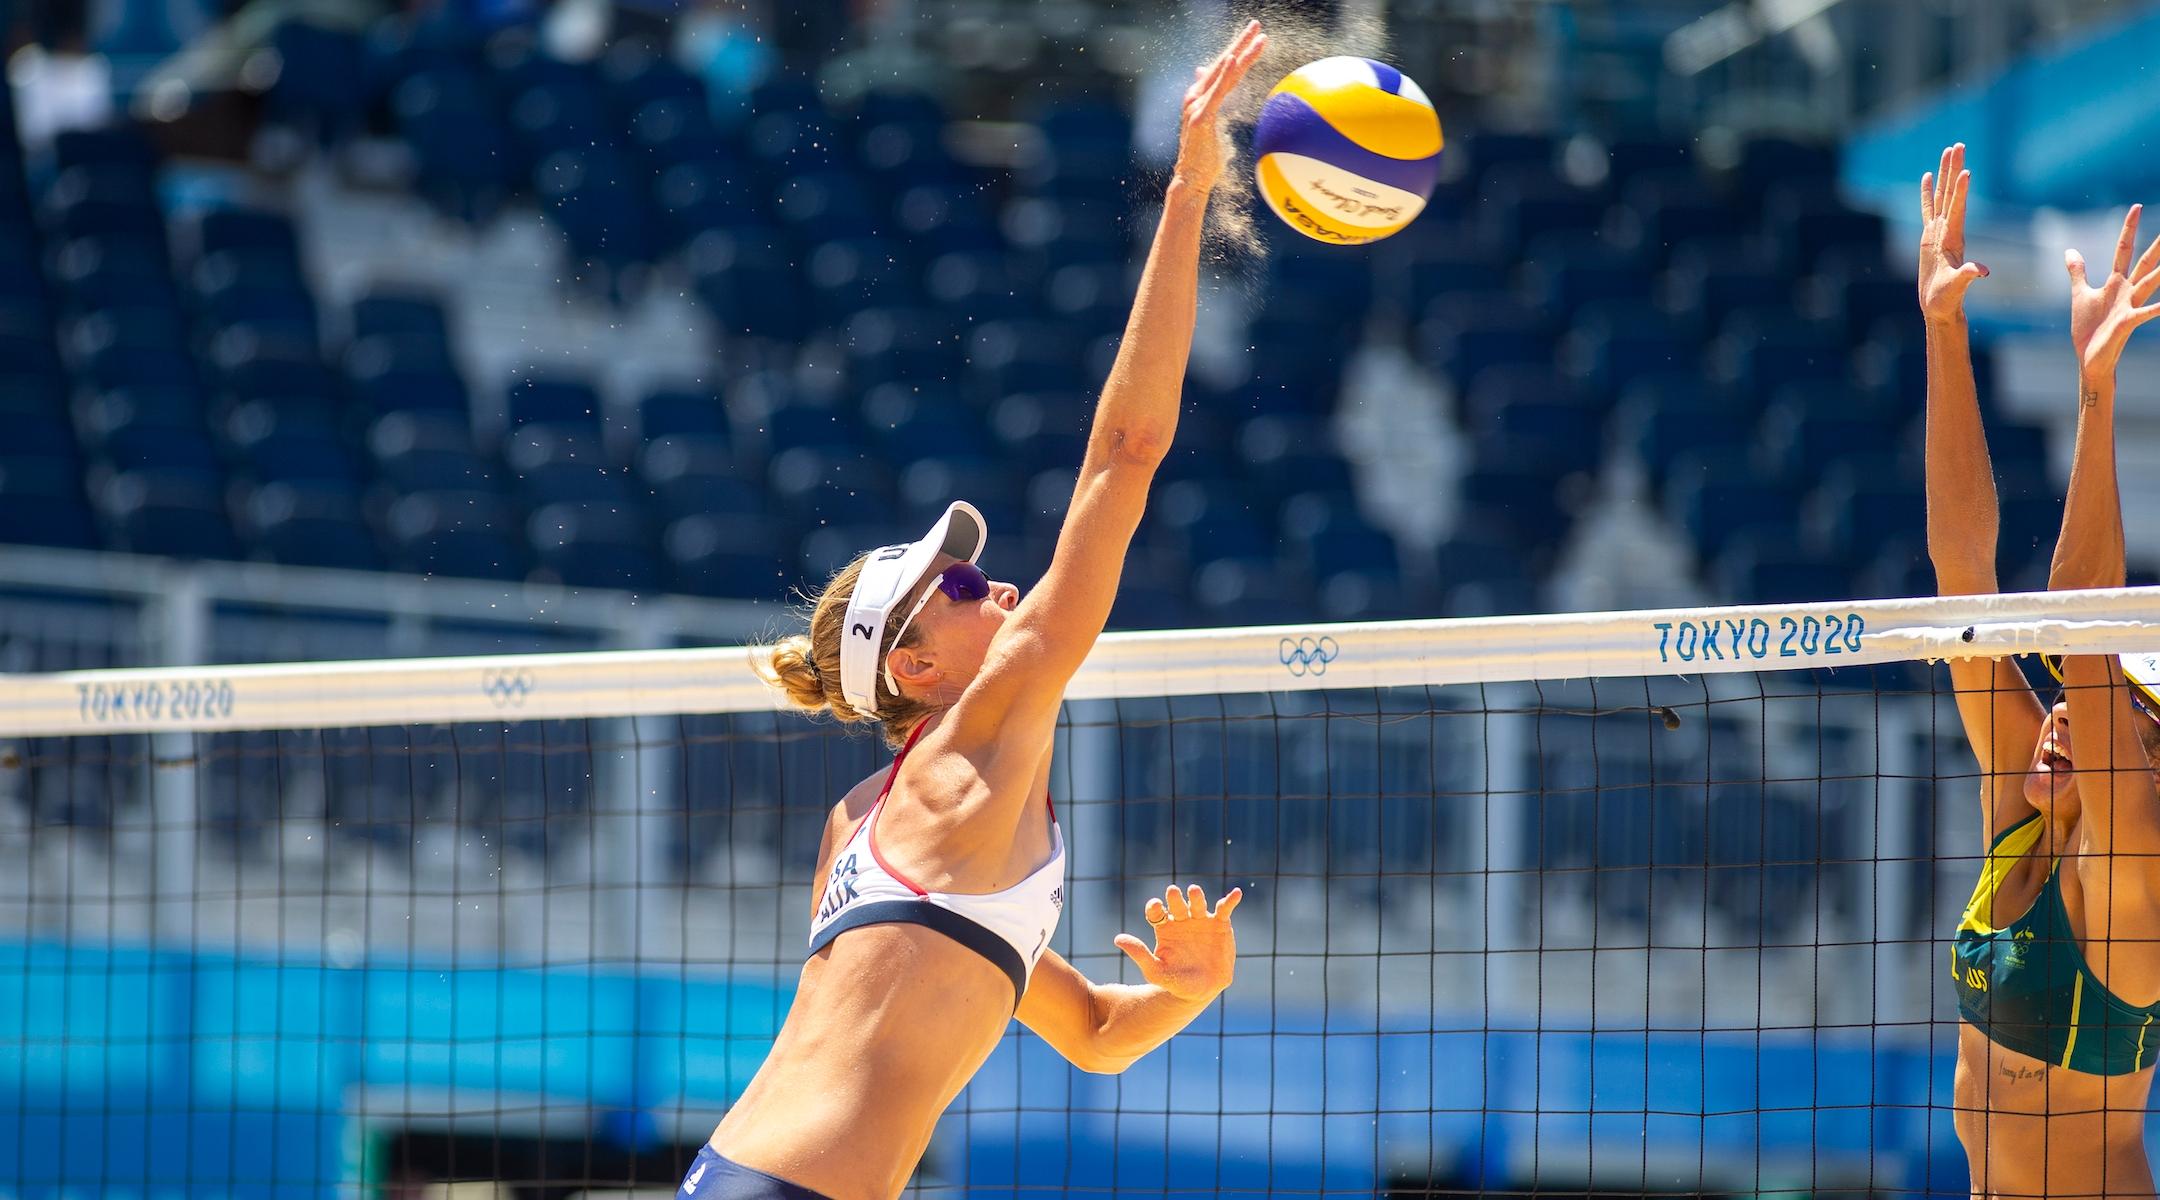 Alix Klineman spikes a volleyball